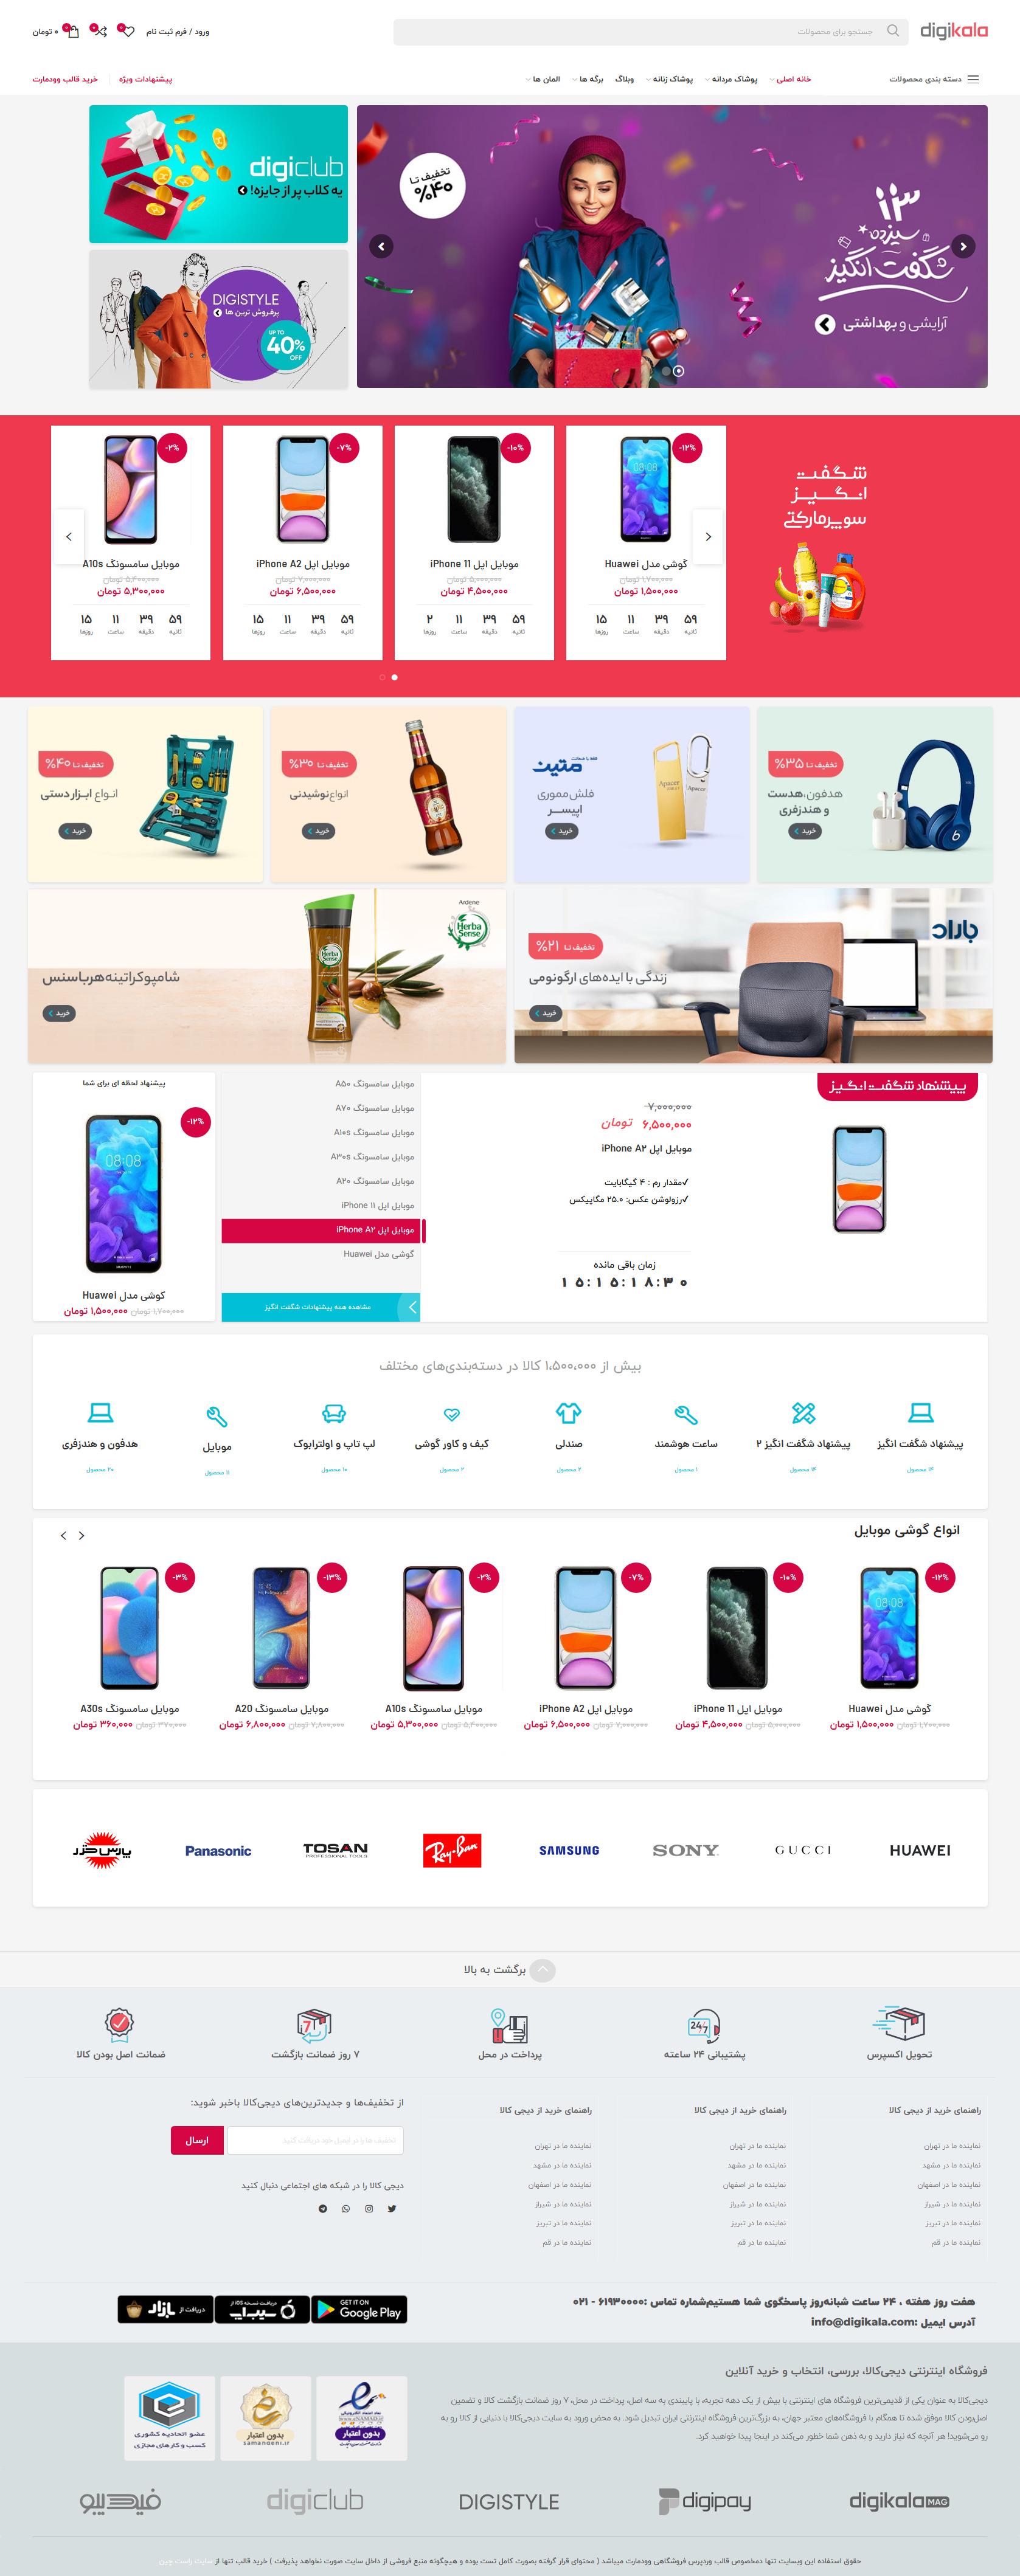 طراحی سایت فروشگاهی با قالب وودمارت